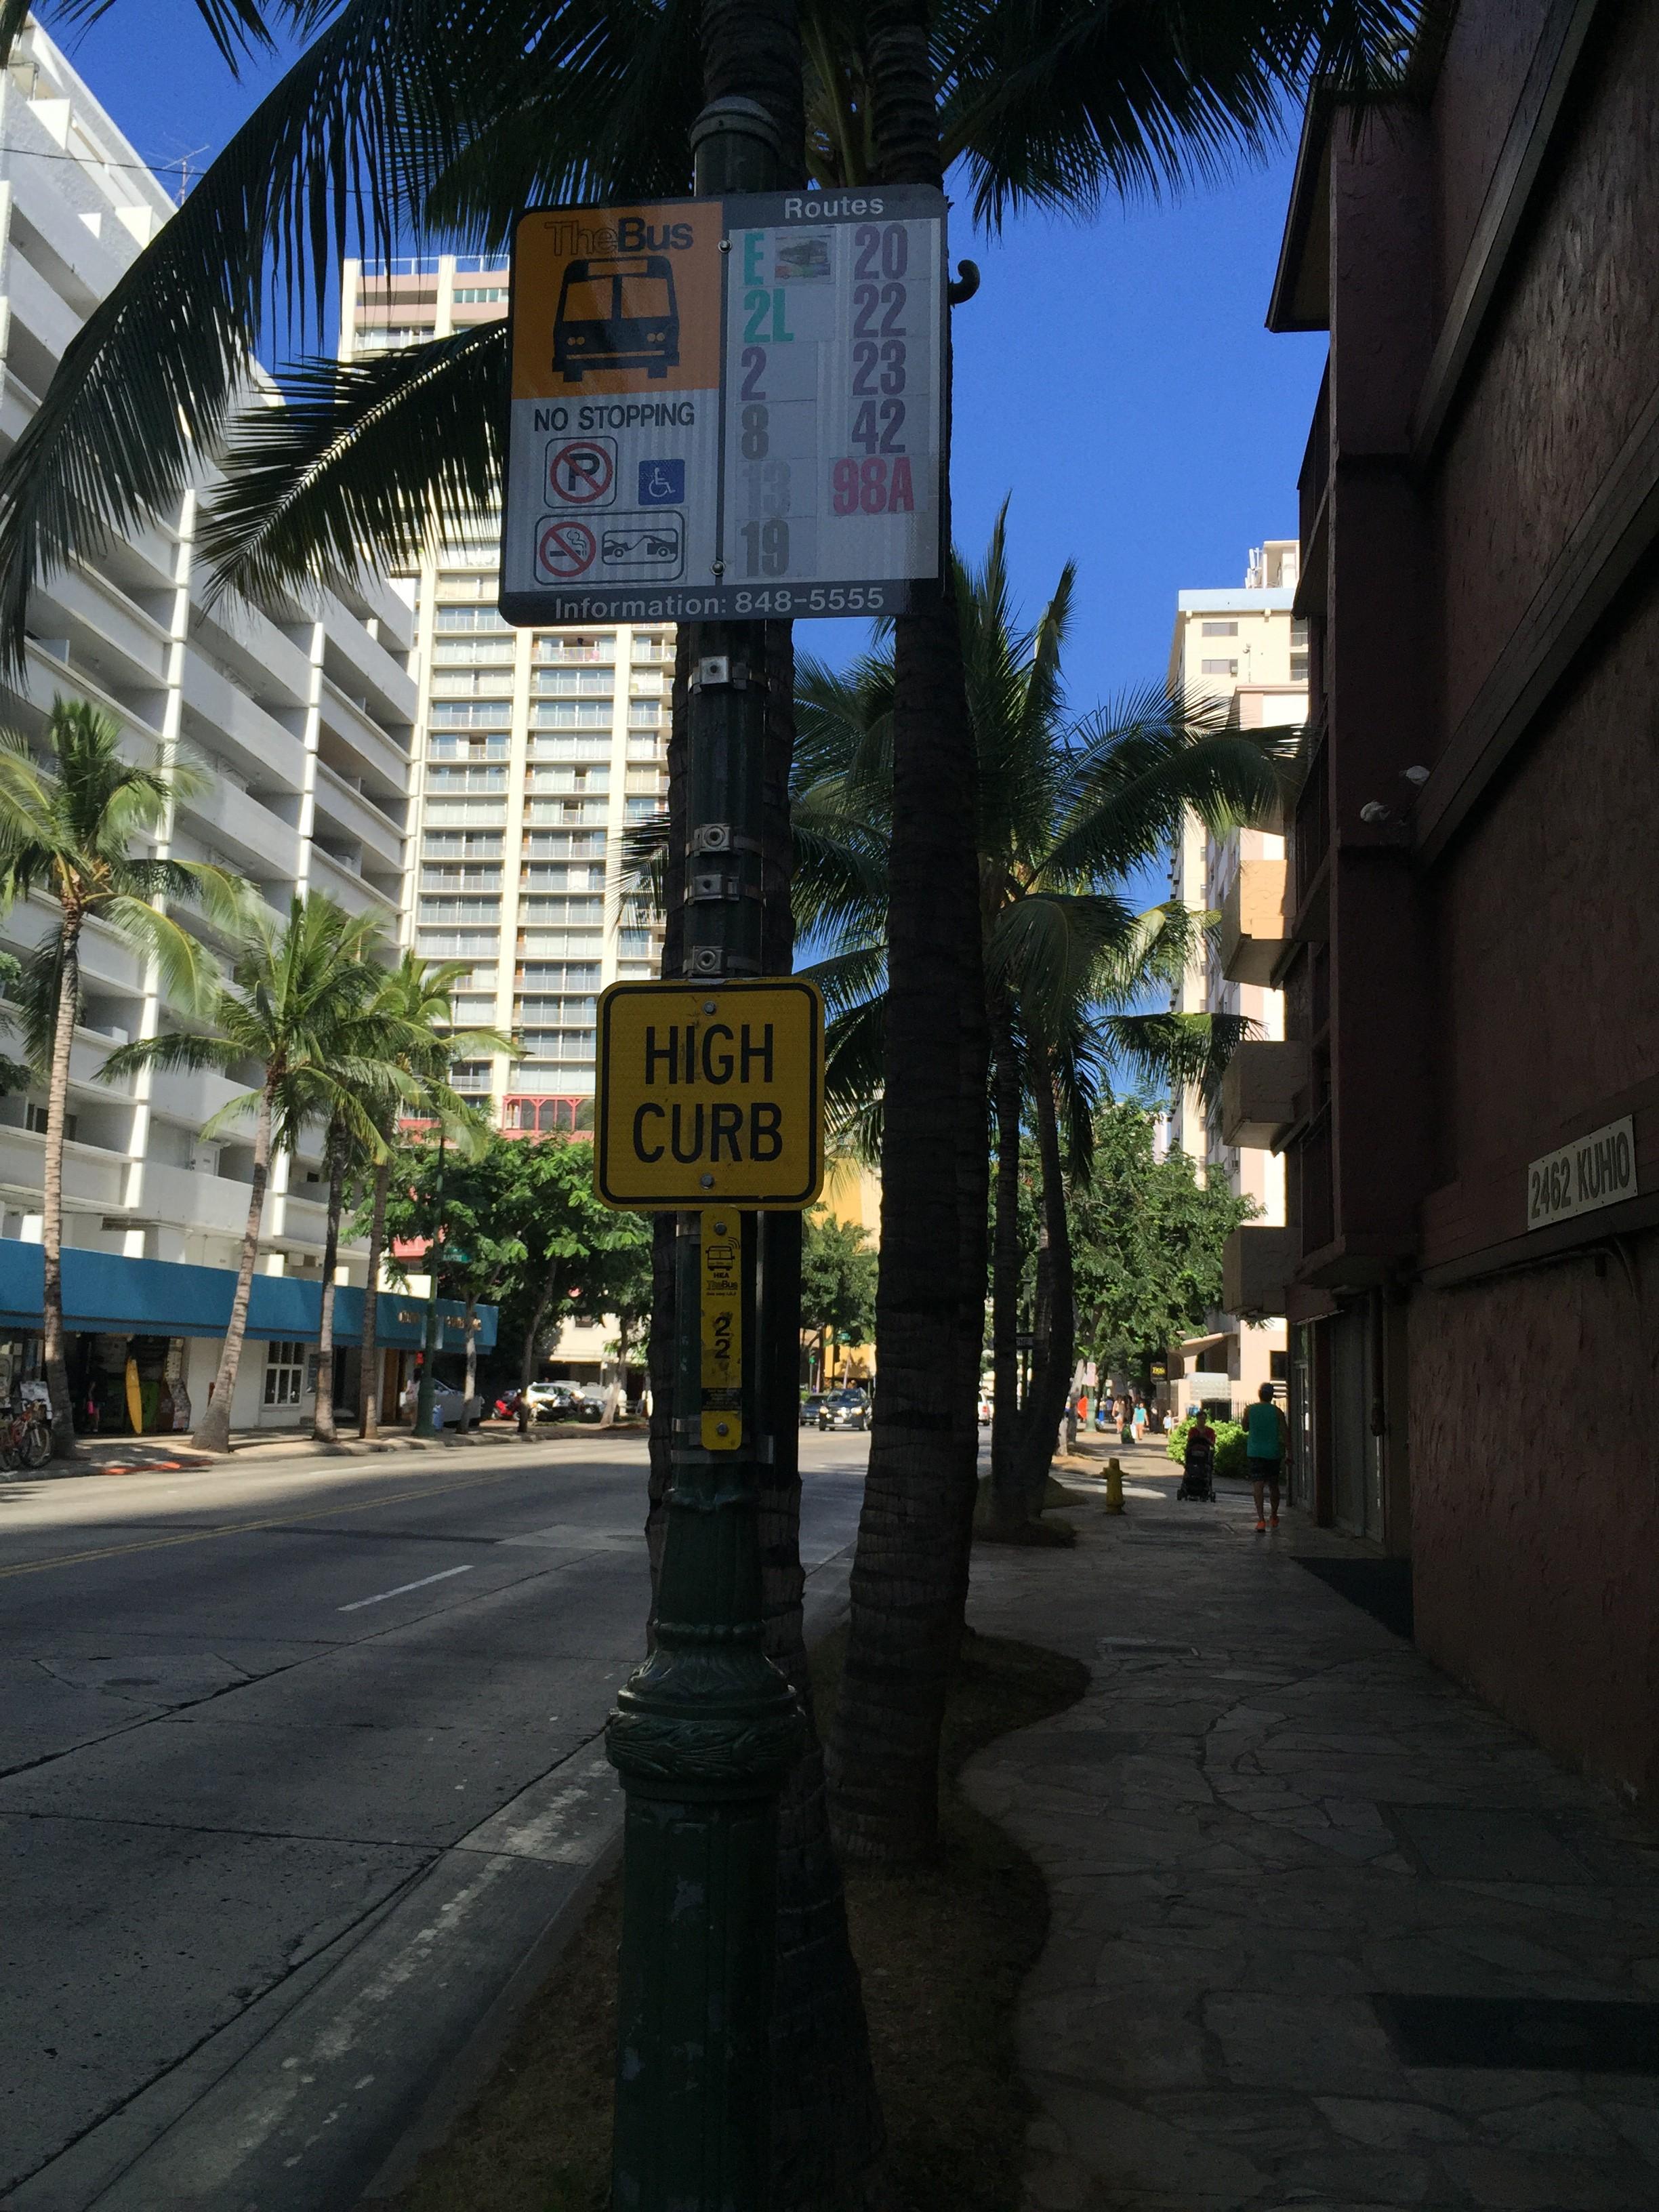 ハワイ カイルア バス停の番号